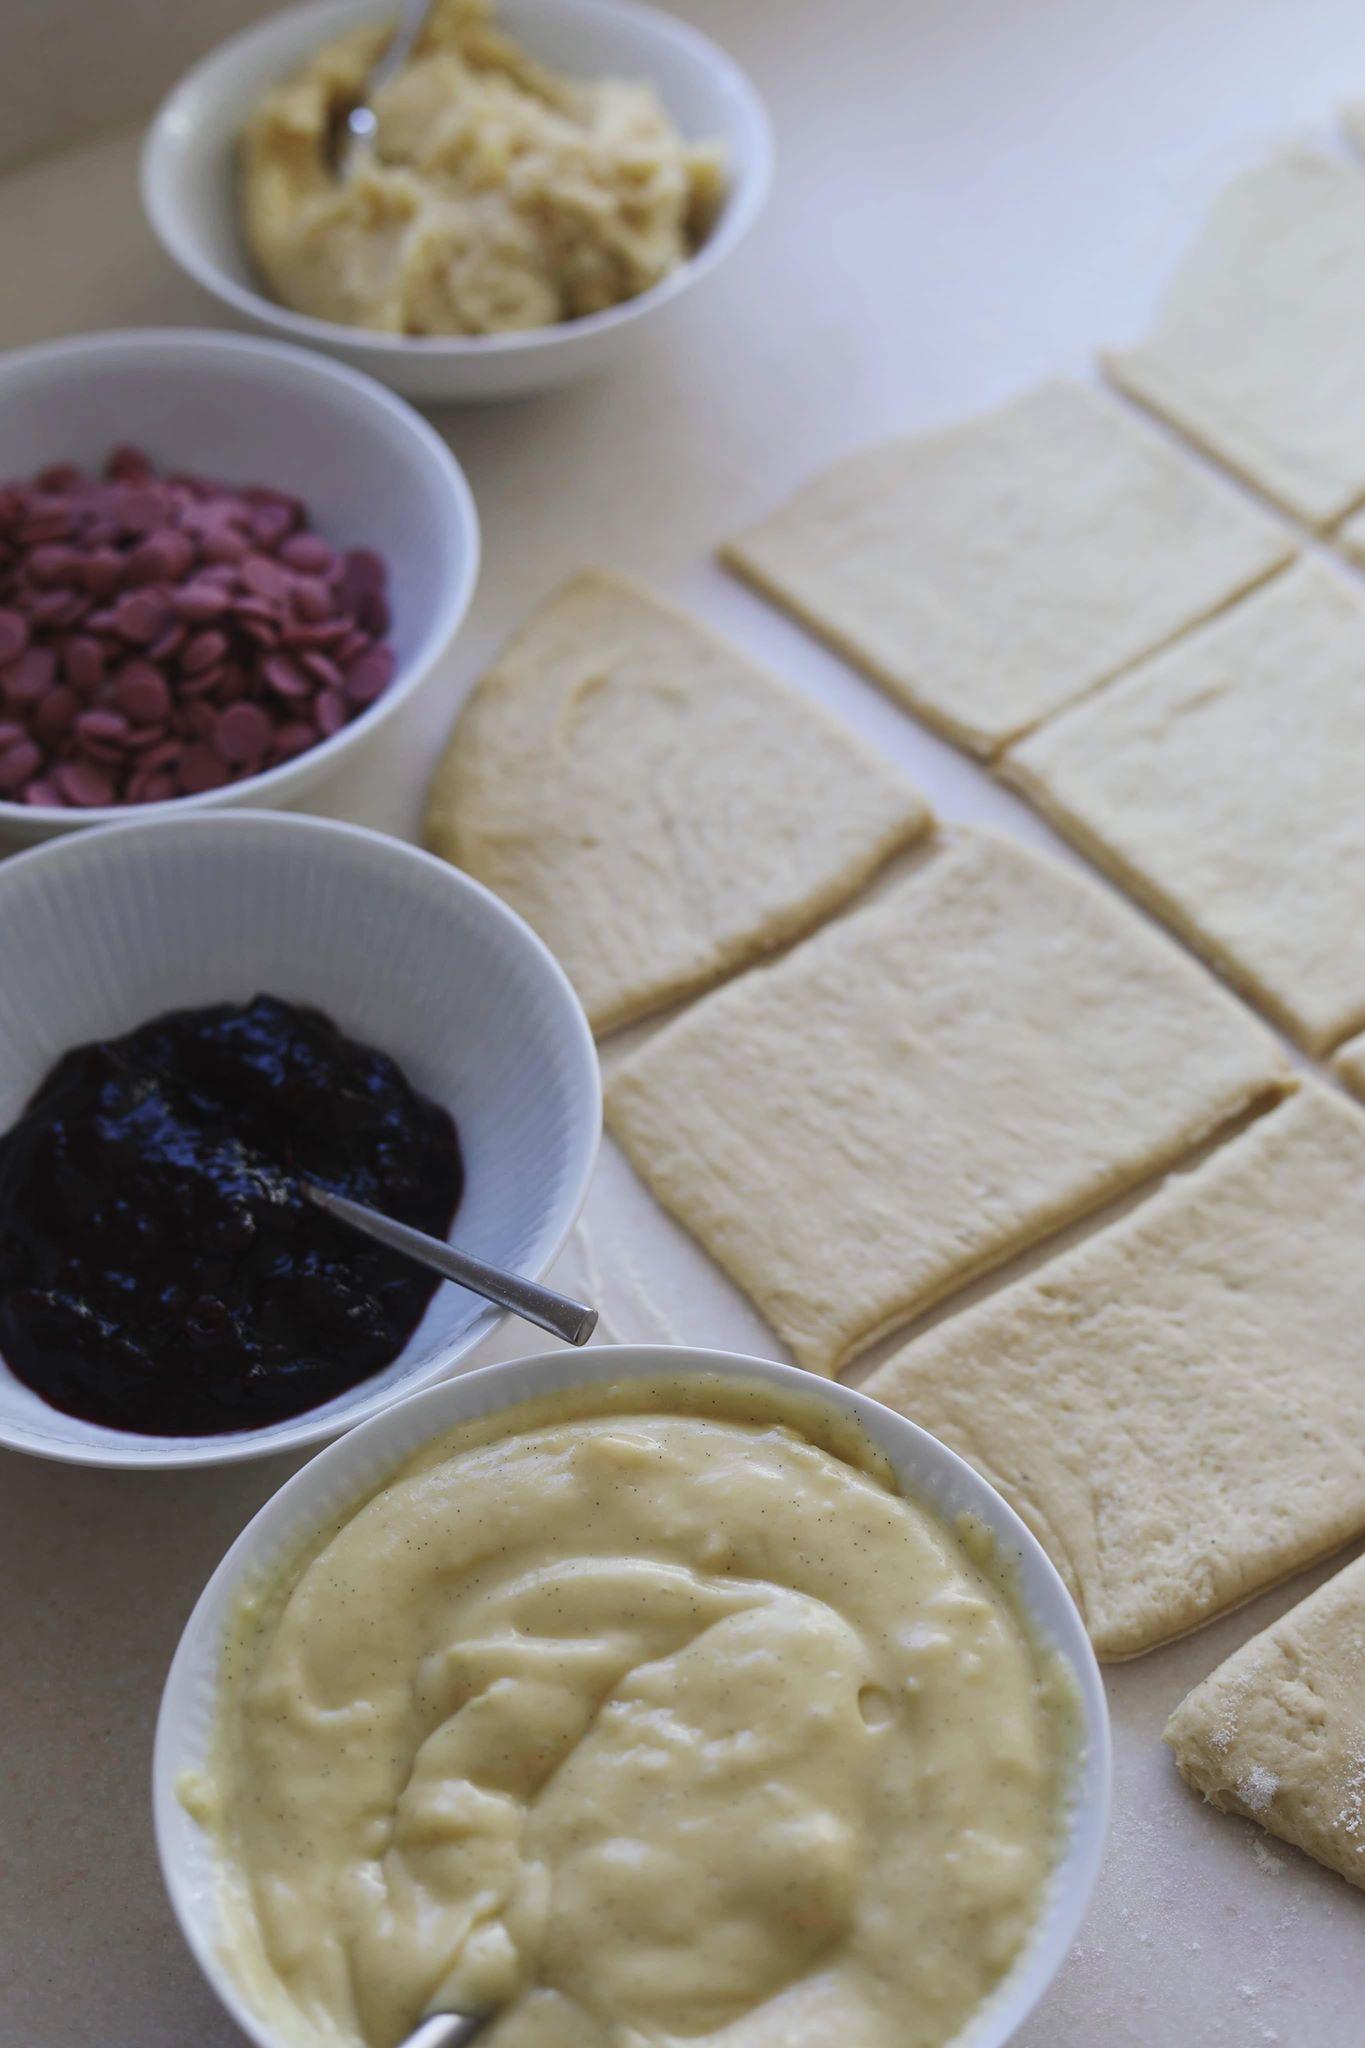 Luksus fastelavnsboller med solbær, remonce, creme og chokolade